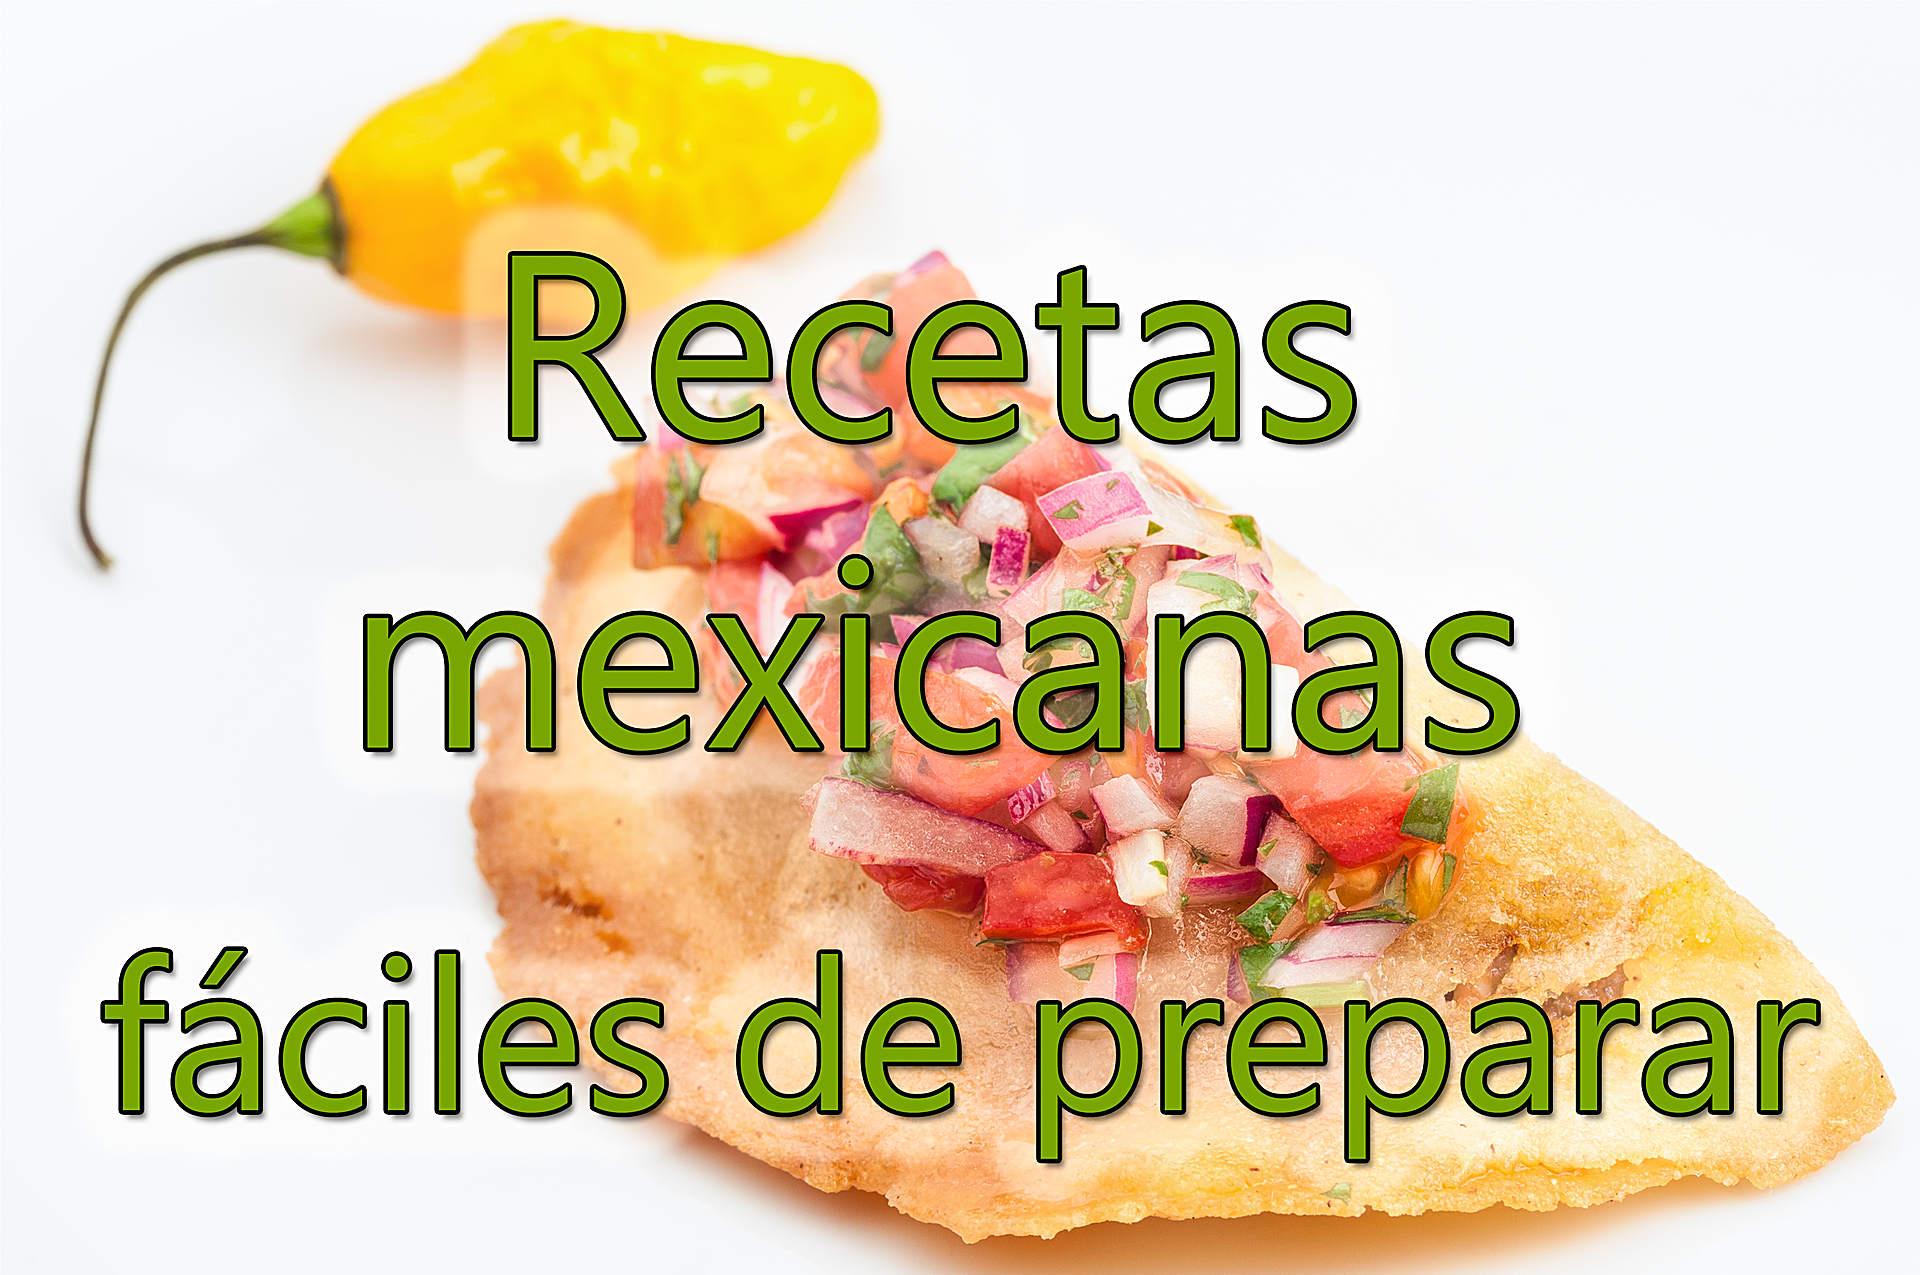 recetas mexicanas fciles de preparar